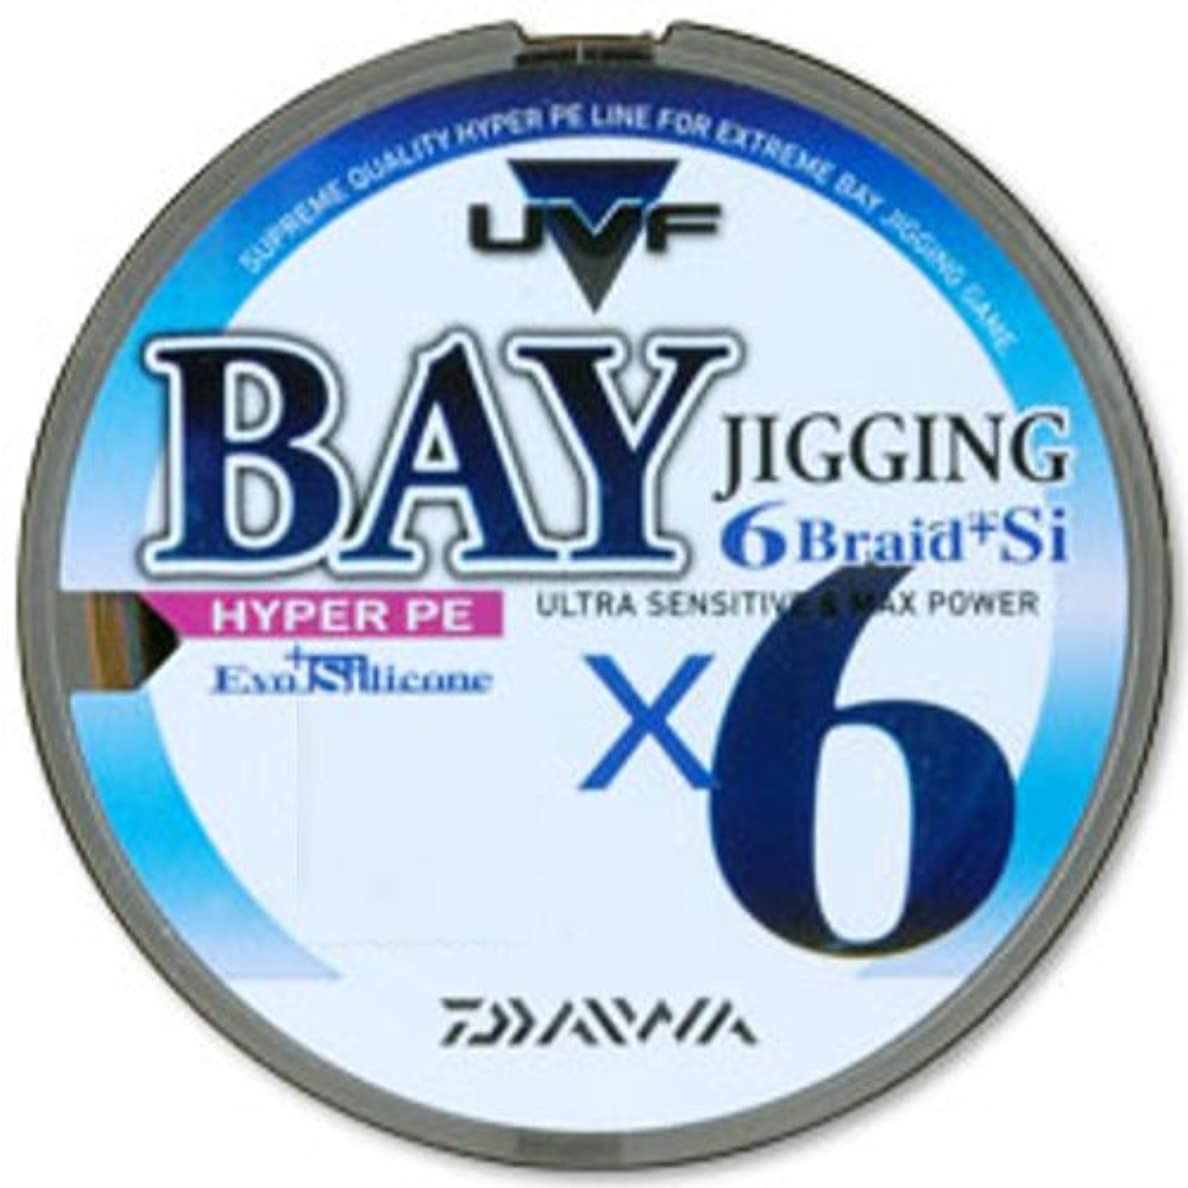 超える話をする定義ダイワ(Daiwa) PEライン UVF ベイジギング 6ブレイド+Si 200m 1.2号 マルチカラー 4625884